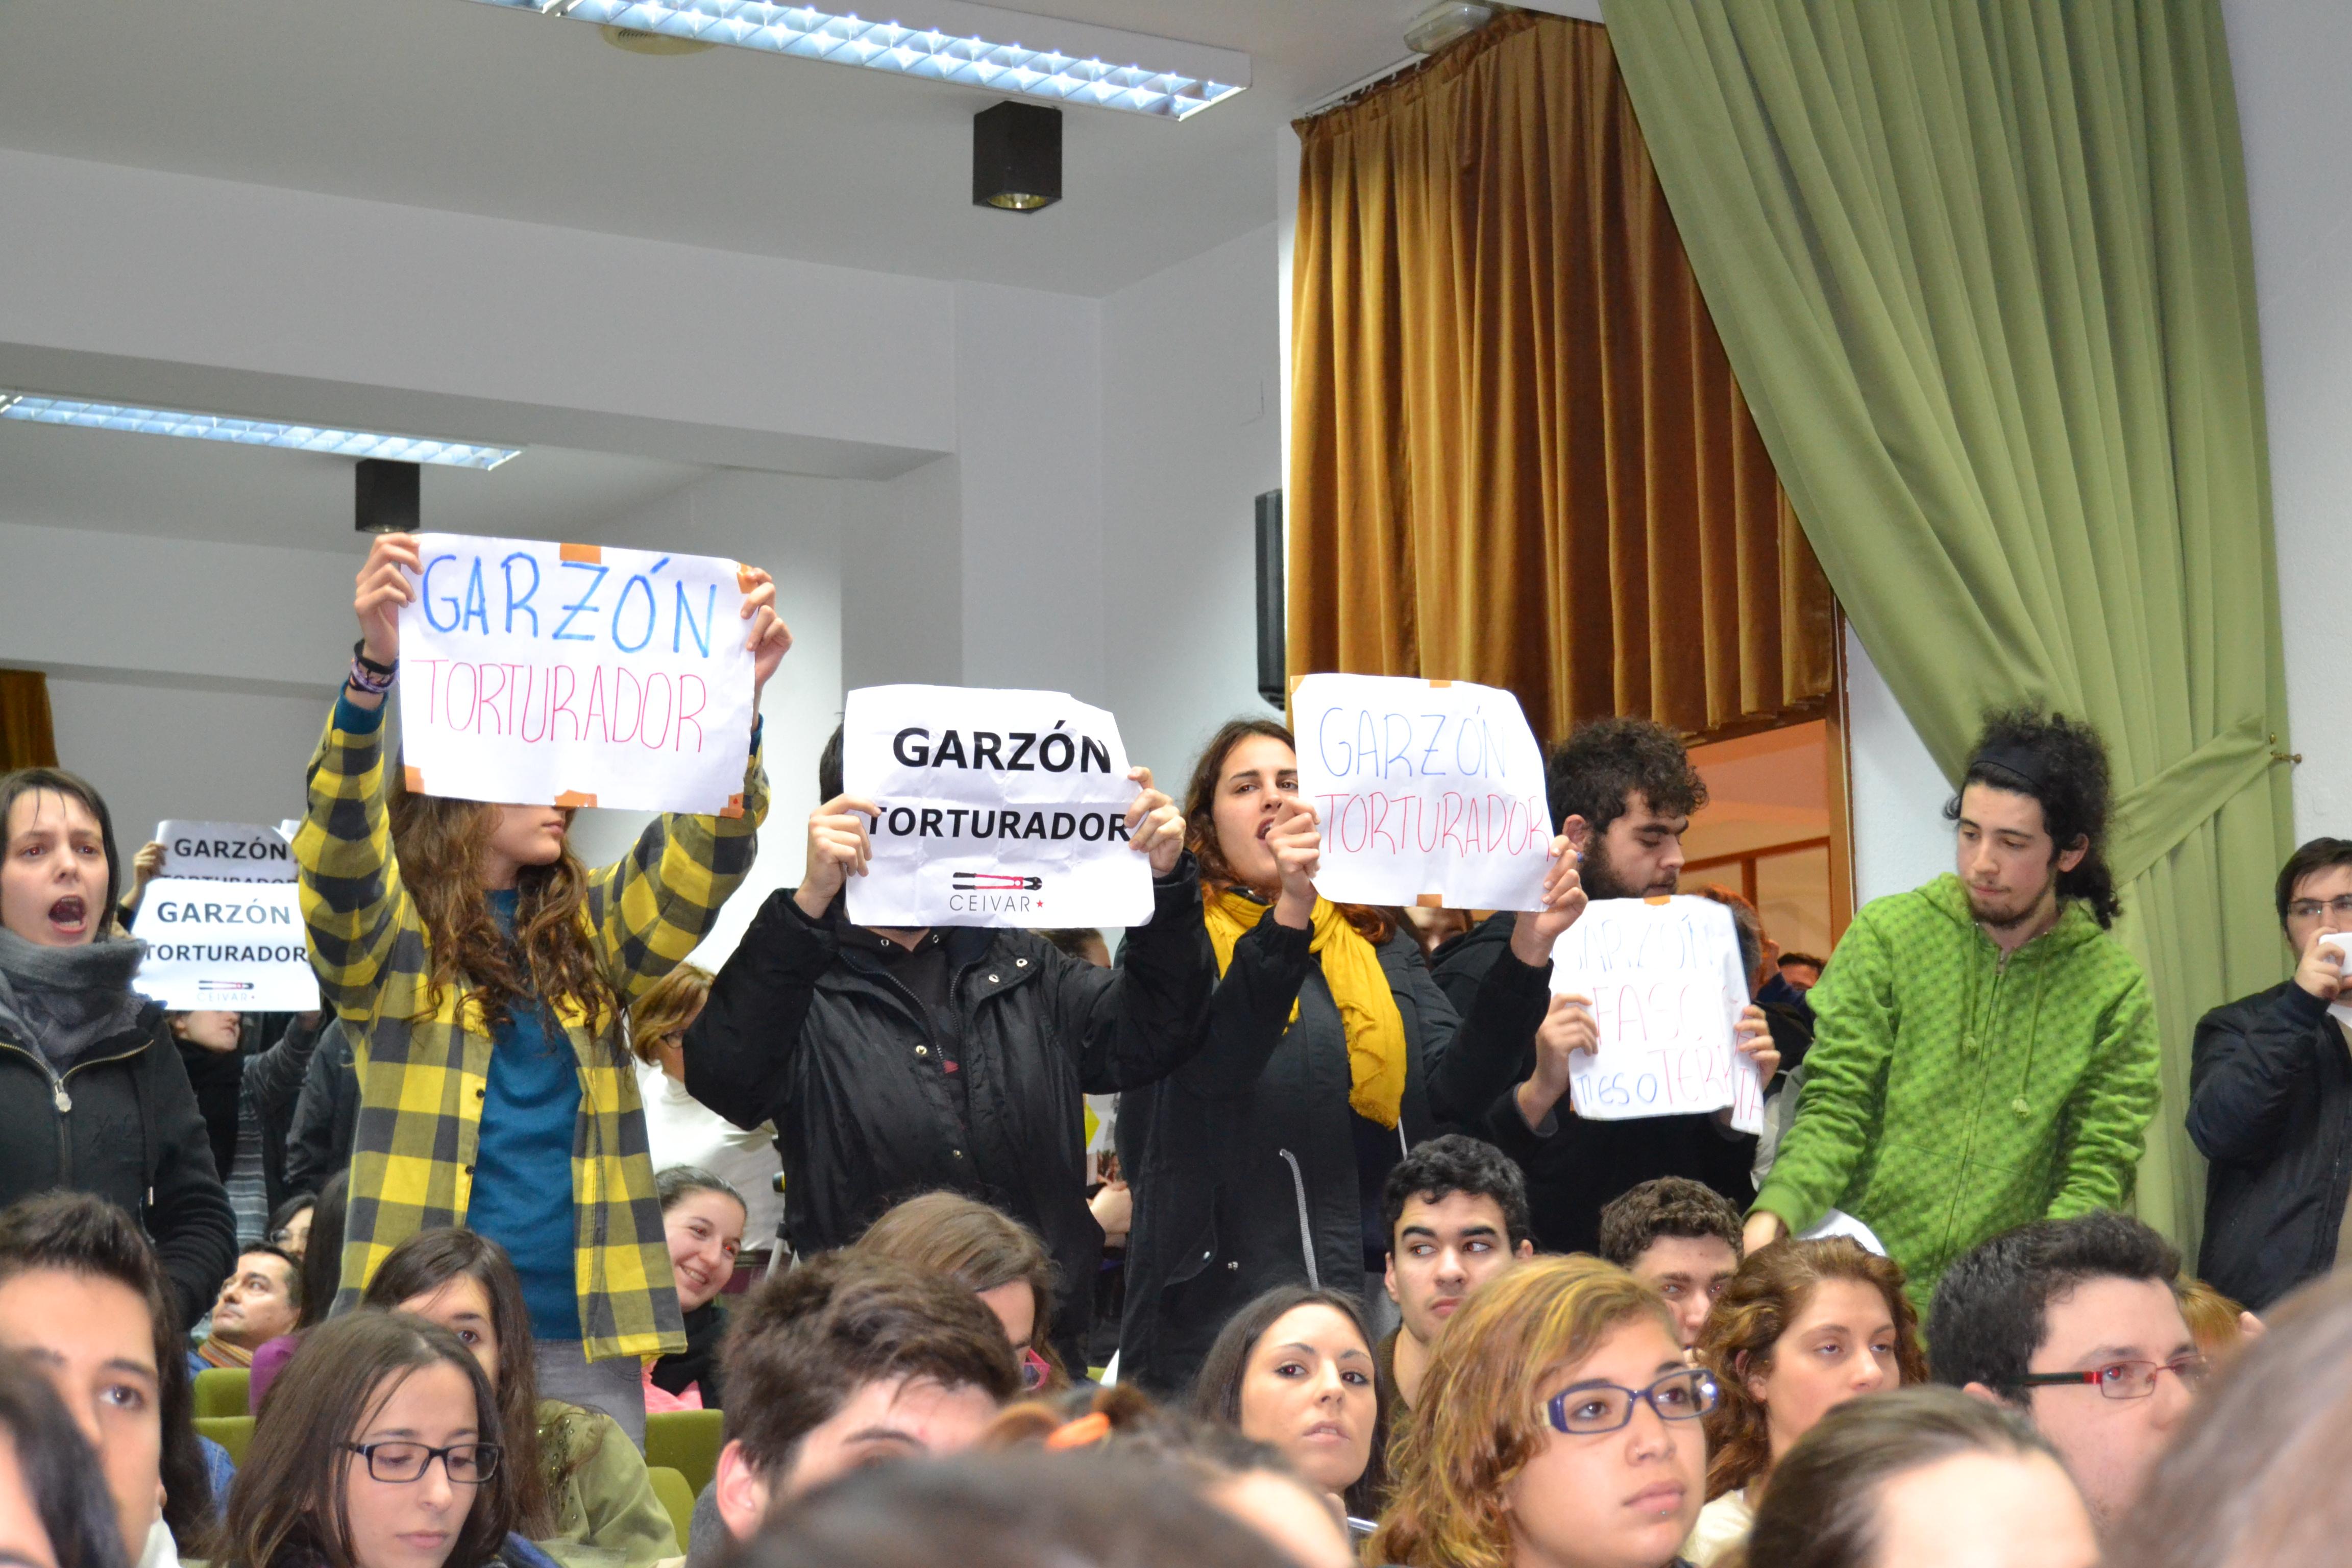 Interior del salón de actos en plena protesta | © Carlos Rey